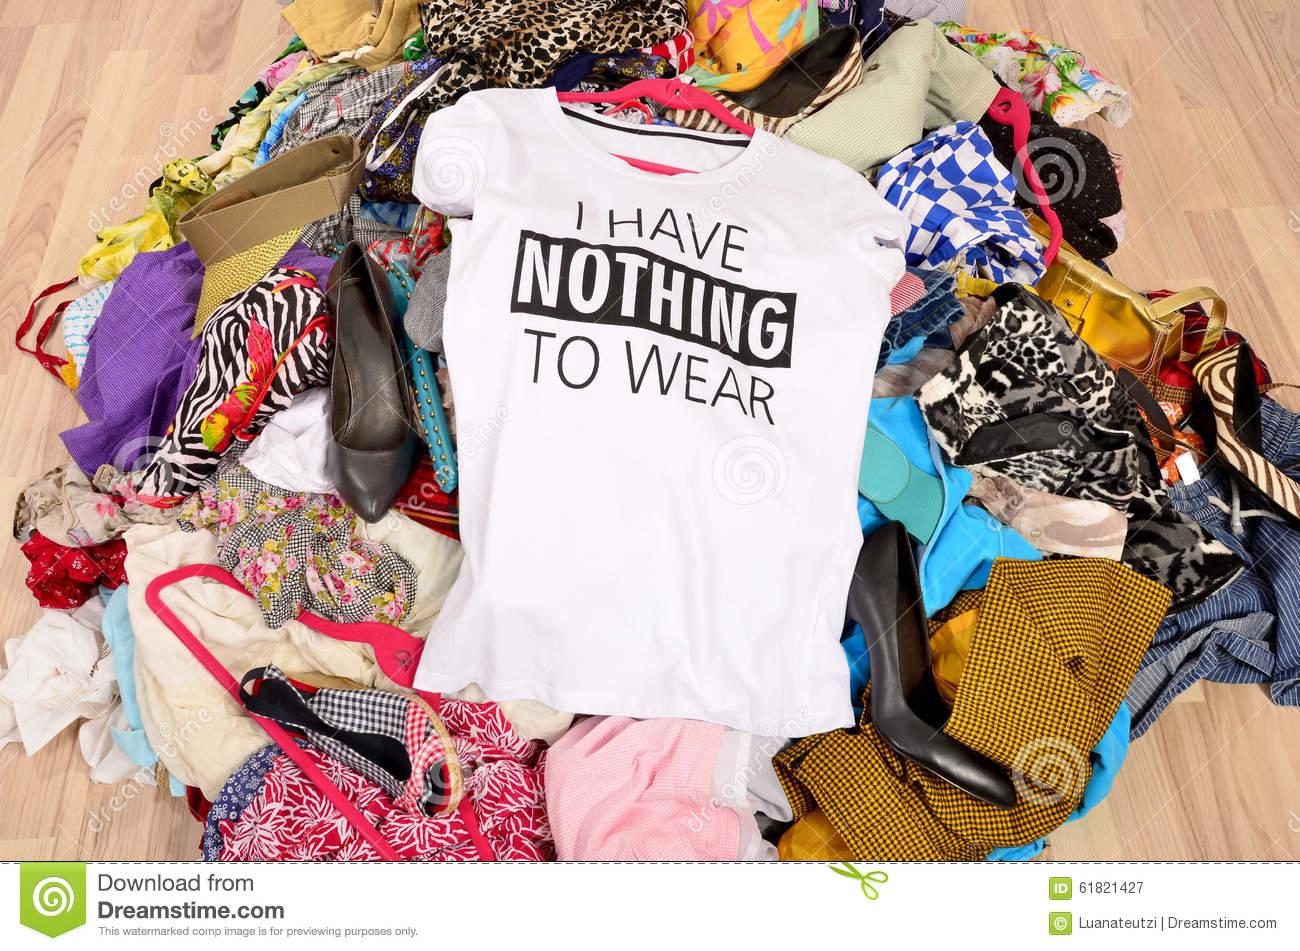 grande-pile-des-v_tements-jet_s-au-sol-avec-un-t-shirt-indiquant-n-61821427-1465515506.jpg